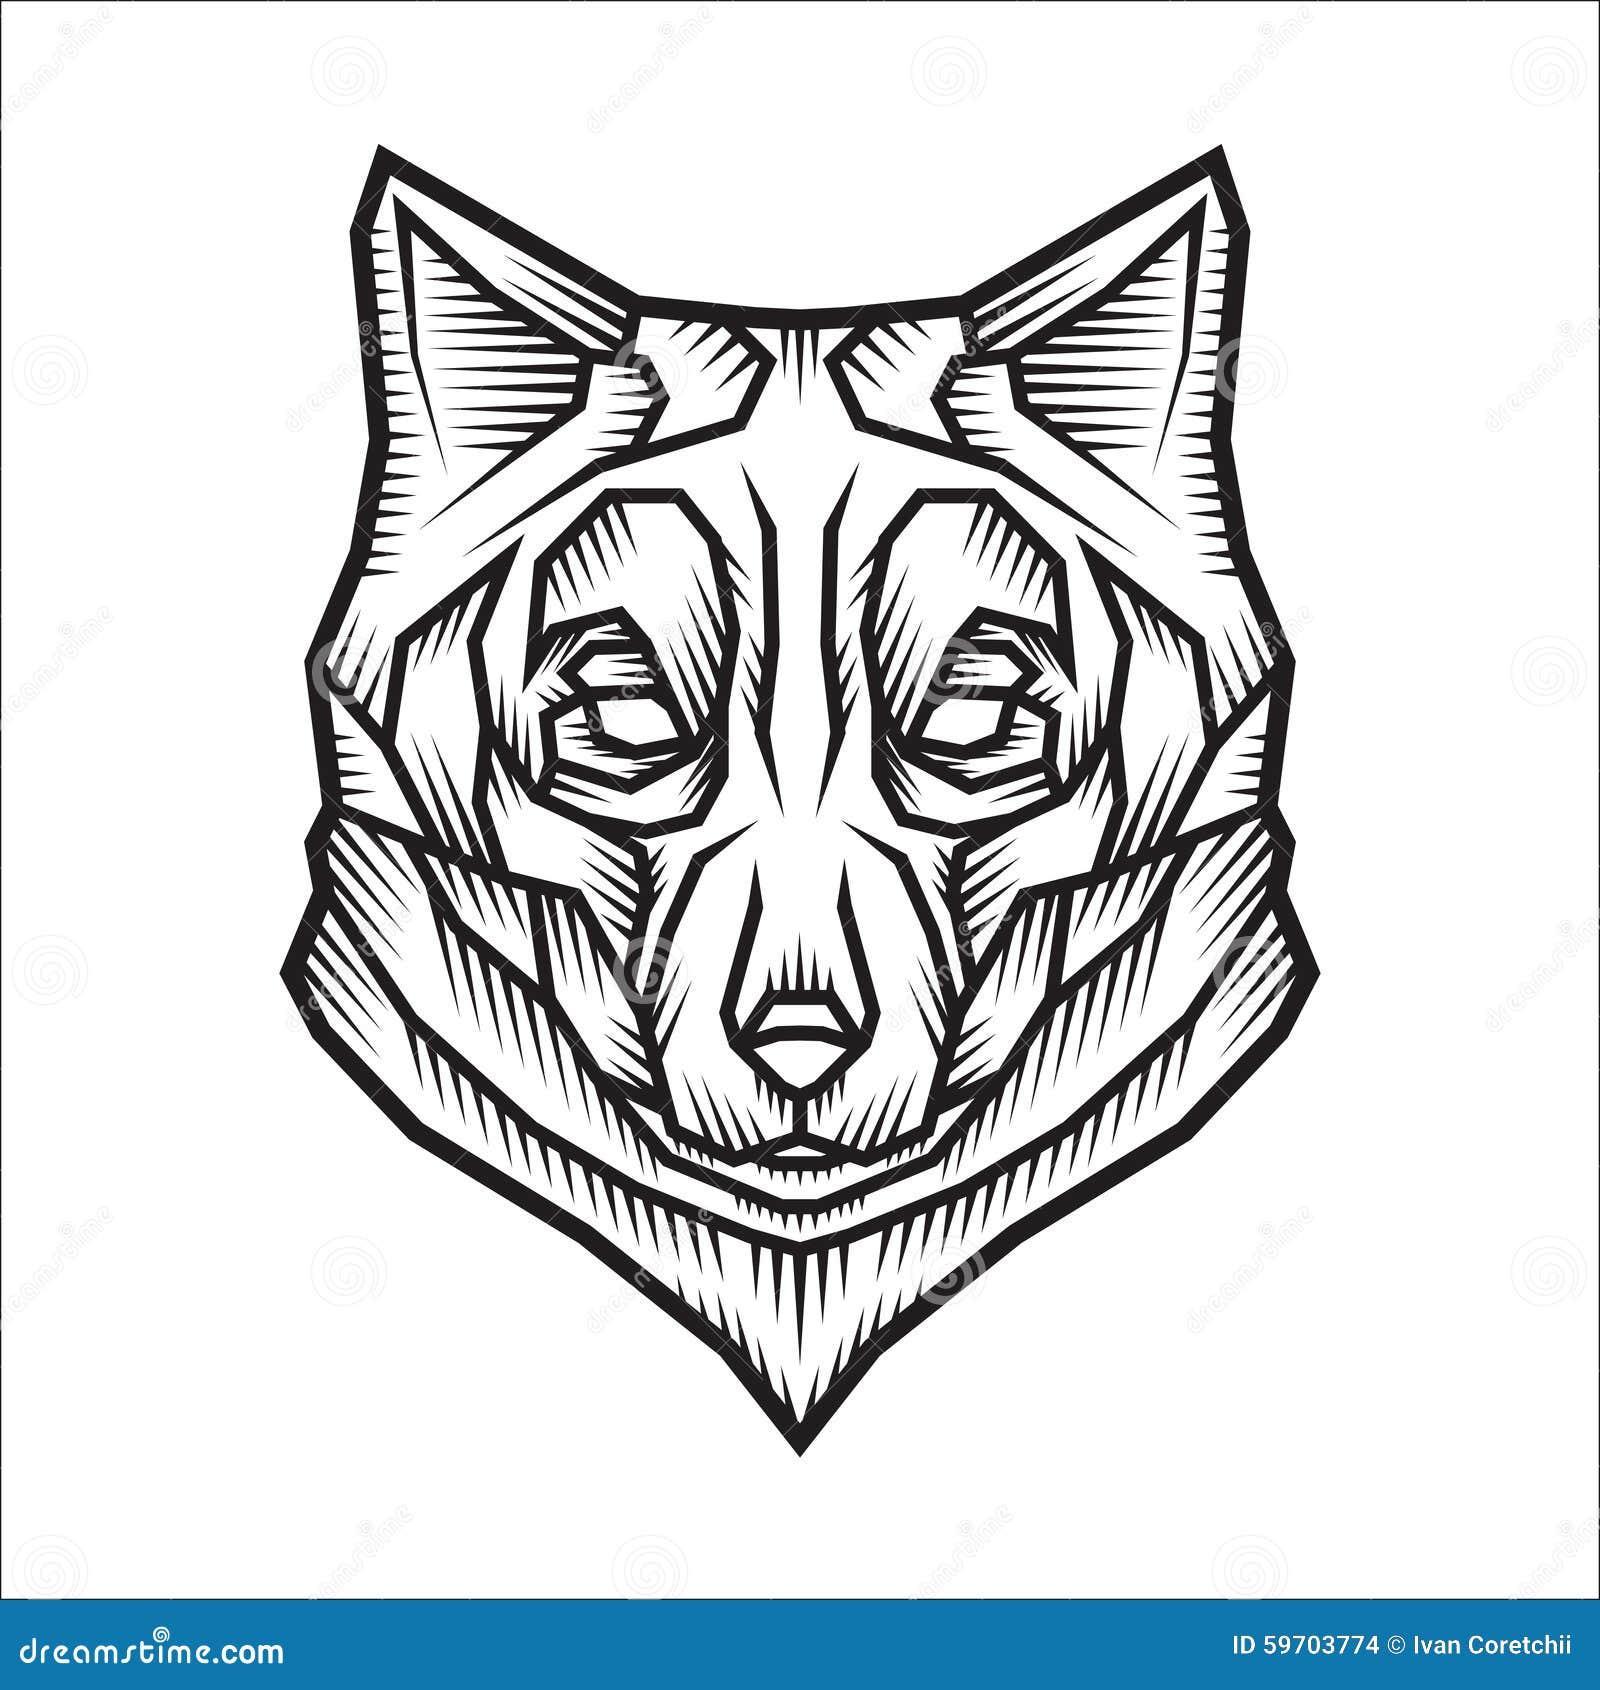 Illustrazione stilizzata del lupo illustrazione vettoriale - Lupo mannaro immagini da colorare ...